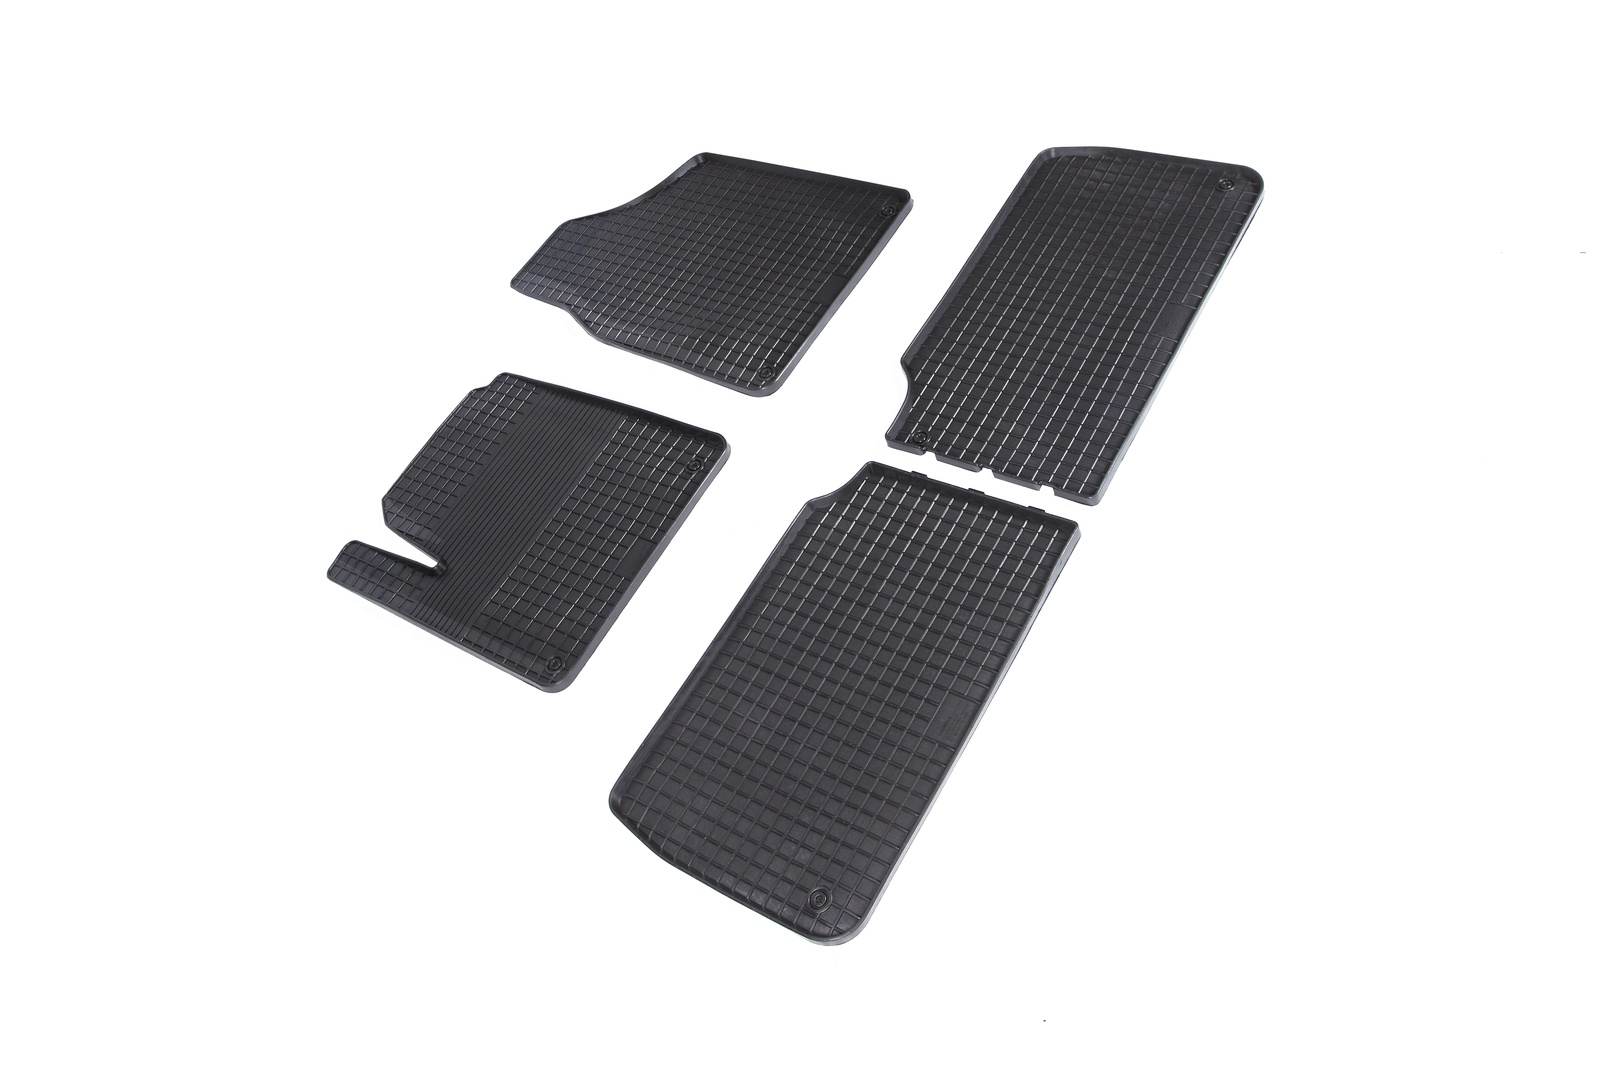 Коврики в салон автомобиля Seintex Резиновые коврики Сетка для Audi Q7 2005-2015 для автомобиля audi